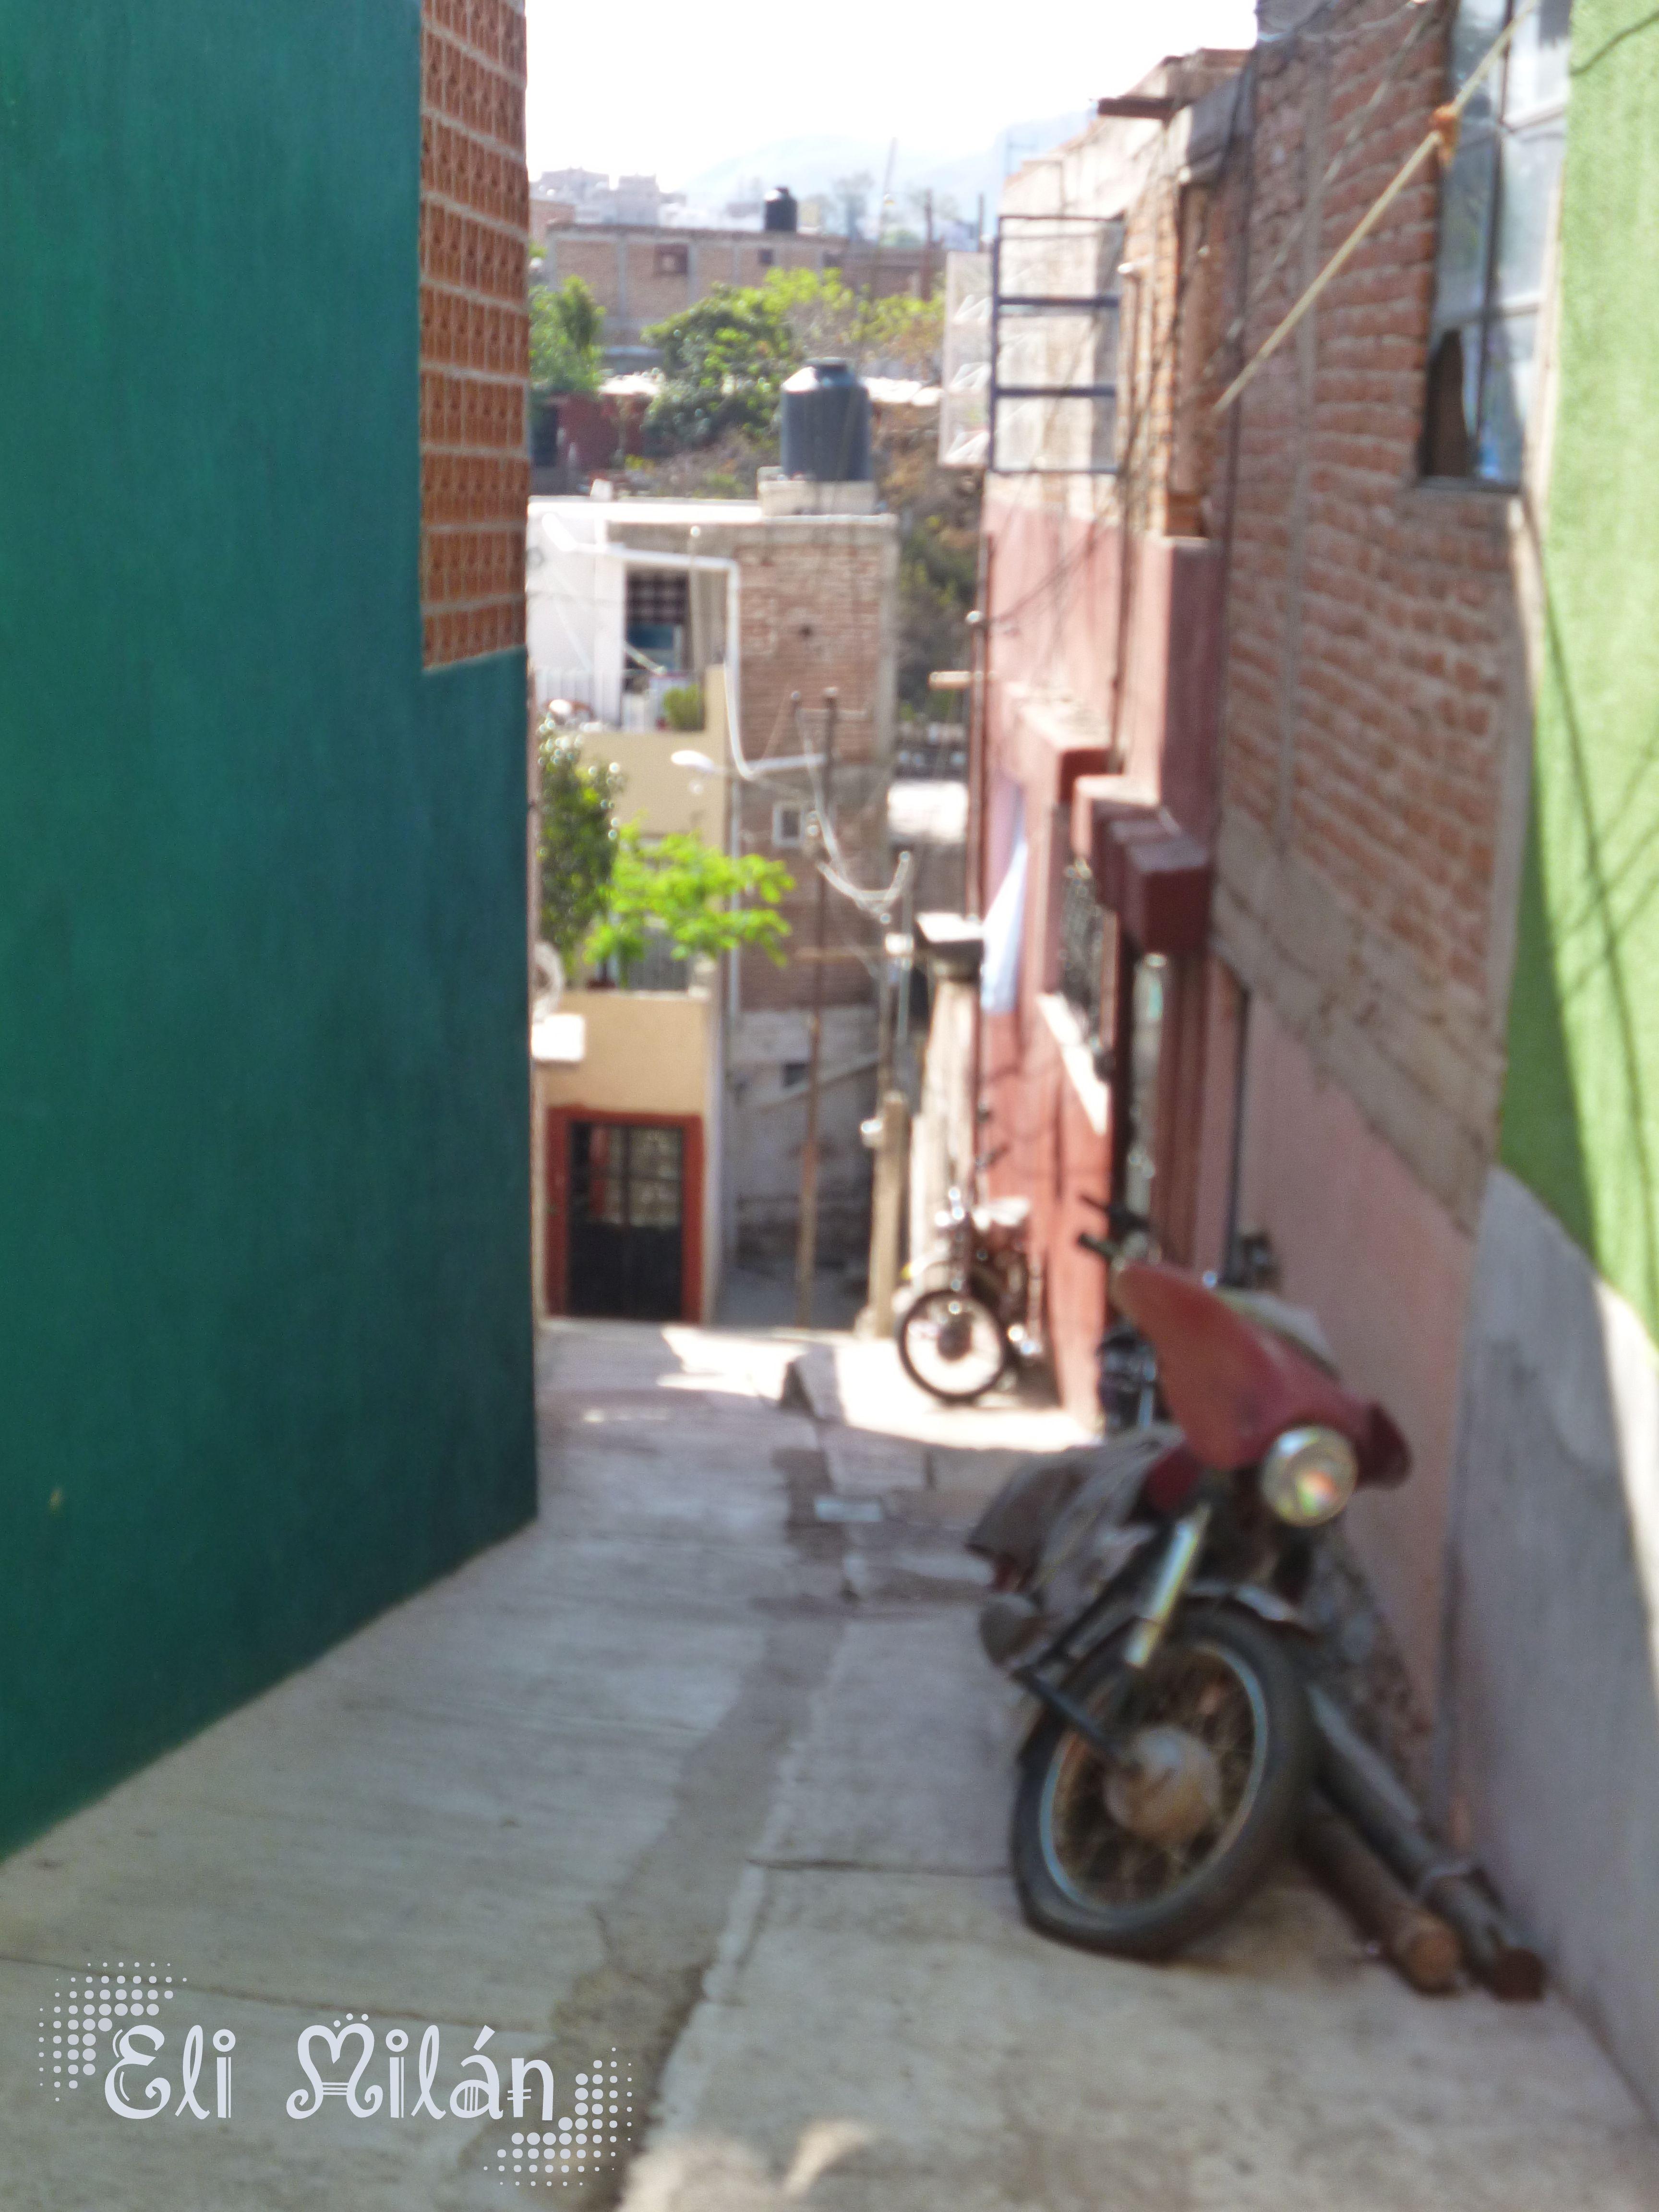 Sin duda algunas los callejones son emblemáticos distintivos de Guanajuato Capital